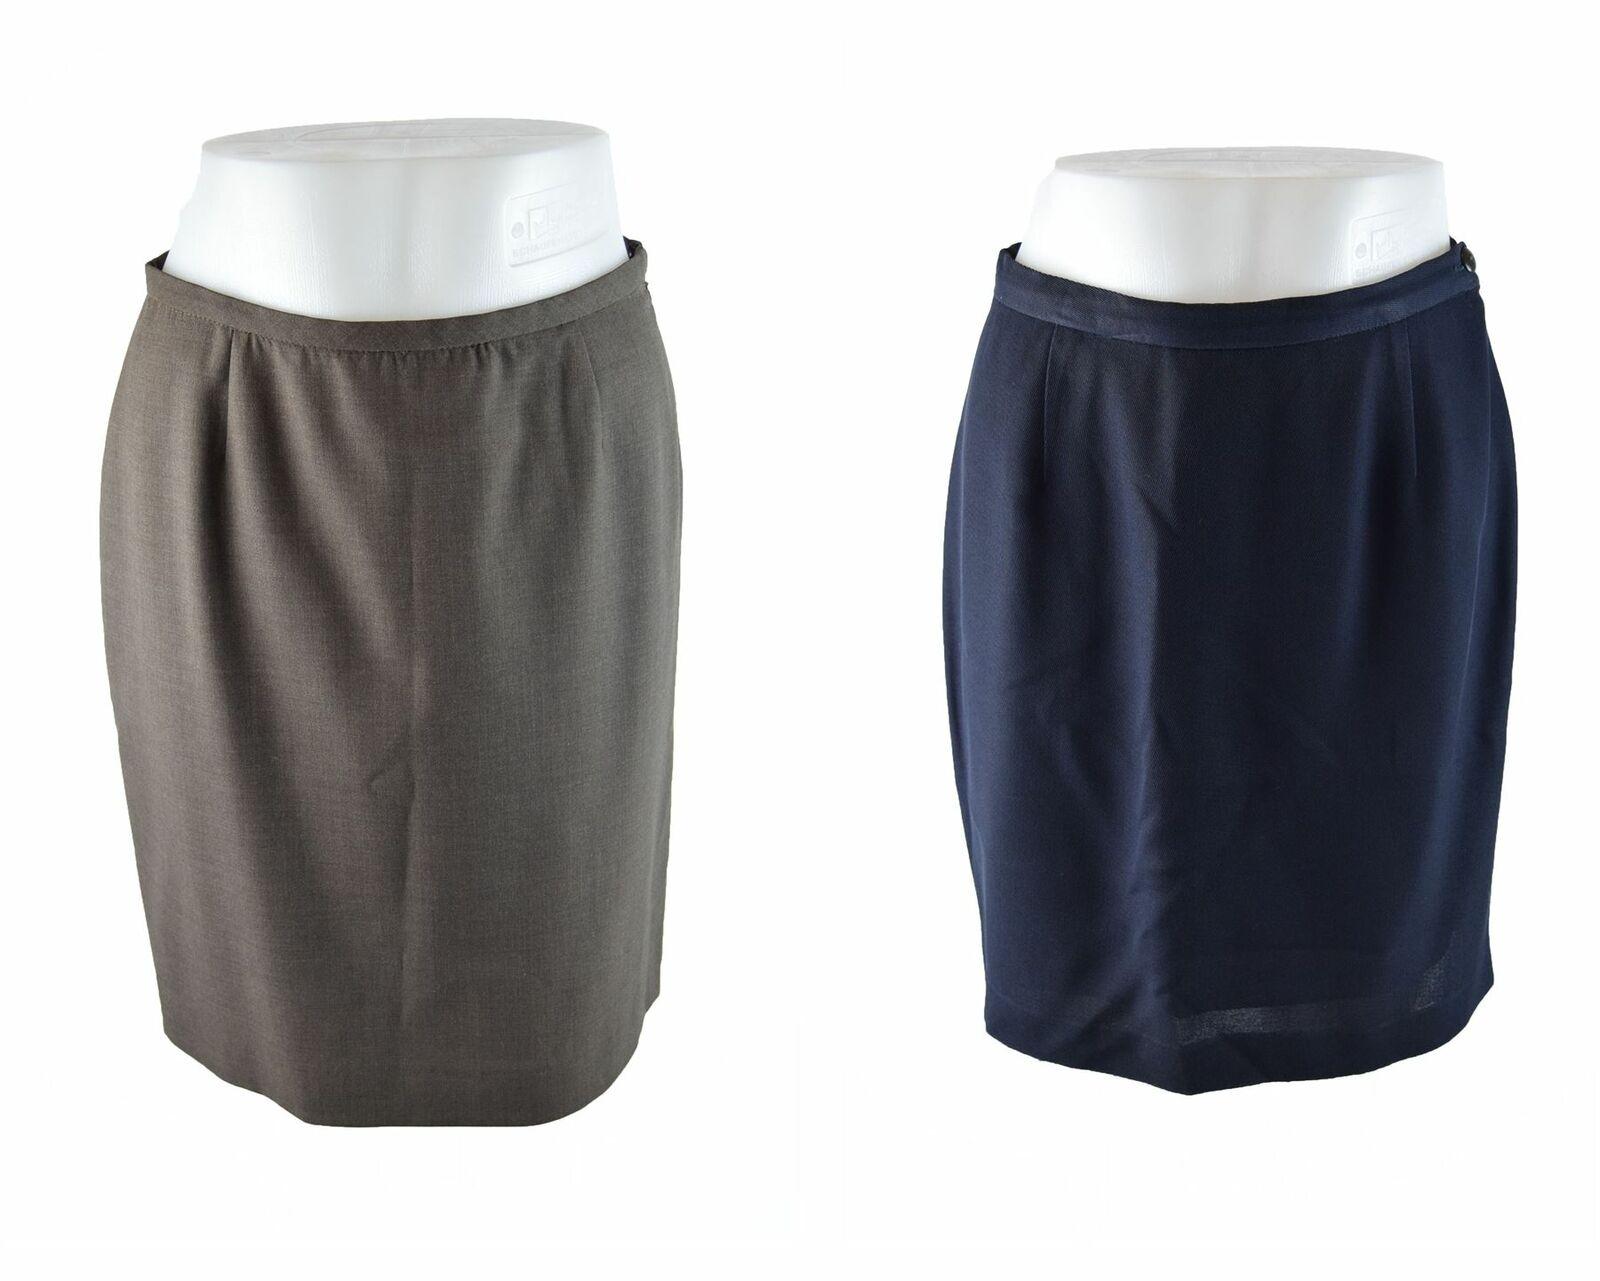 GIORGIO ARMANI Navy bluee And Brown Skirts Set, US 6